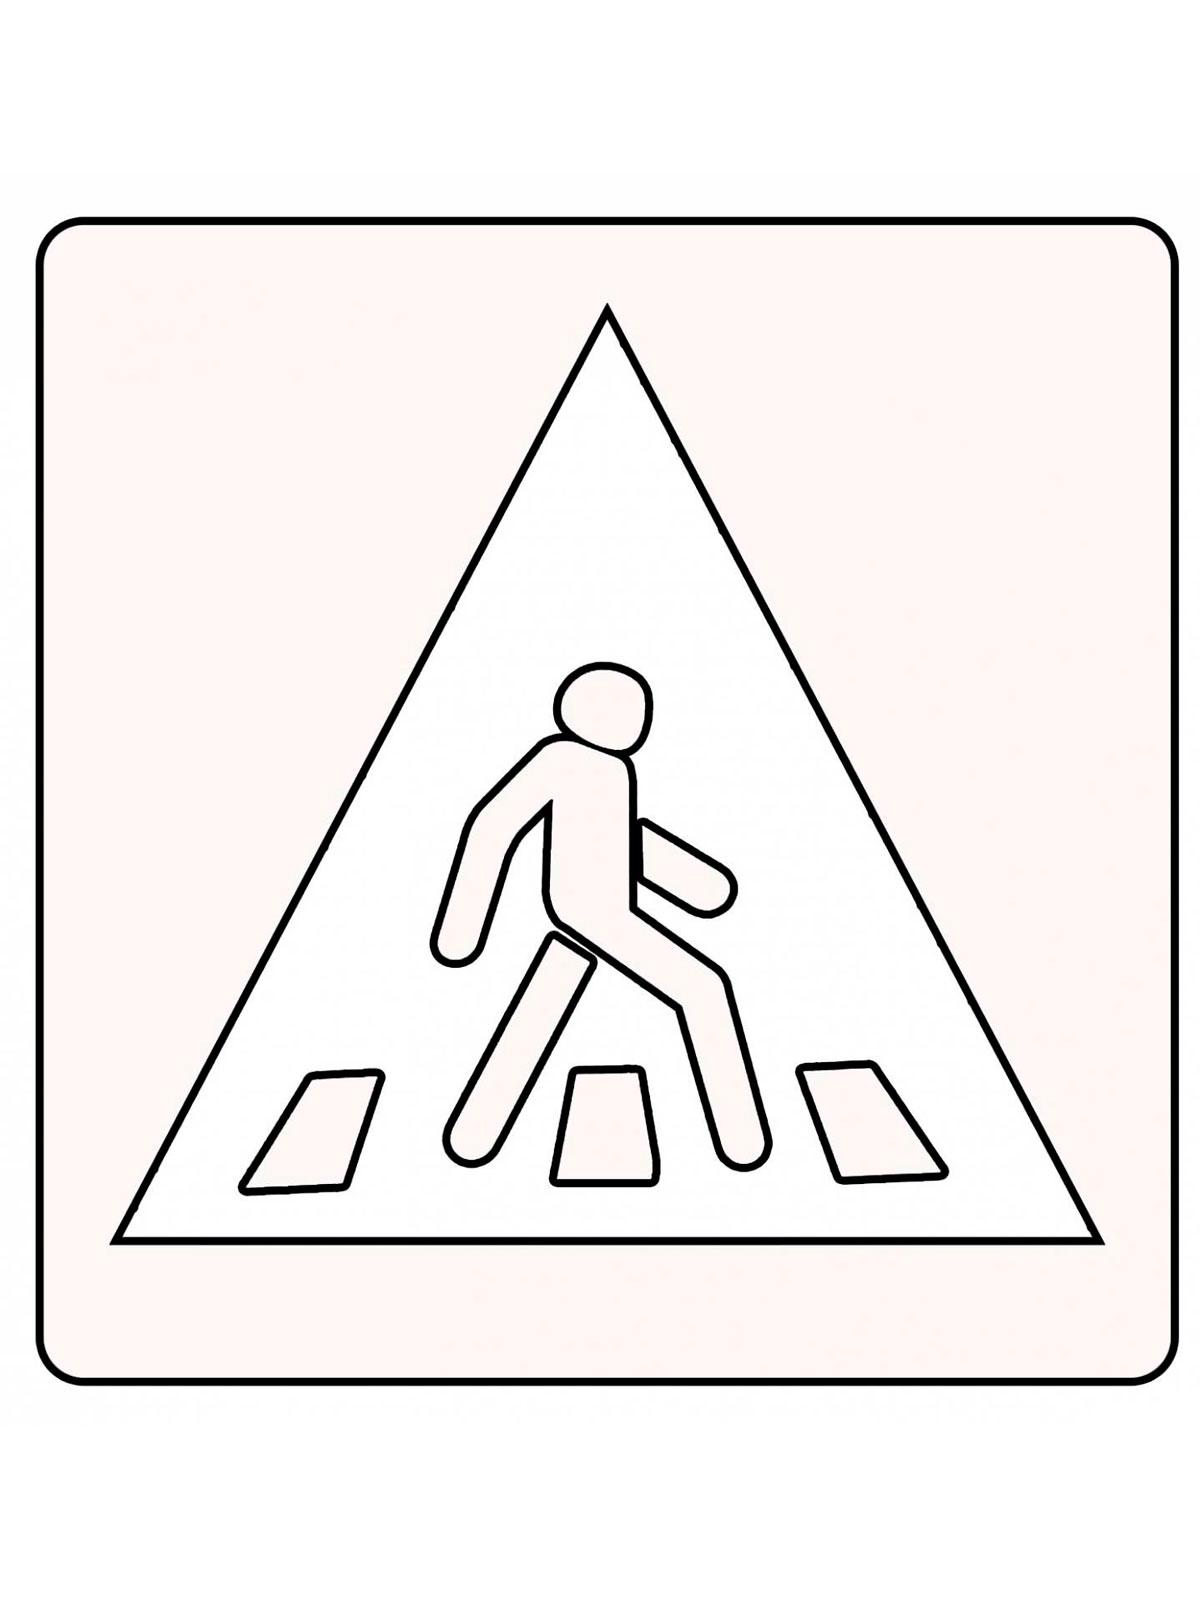 Деткие раскраски дорожные знаки полиуретановый заливочный герметик